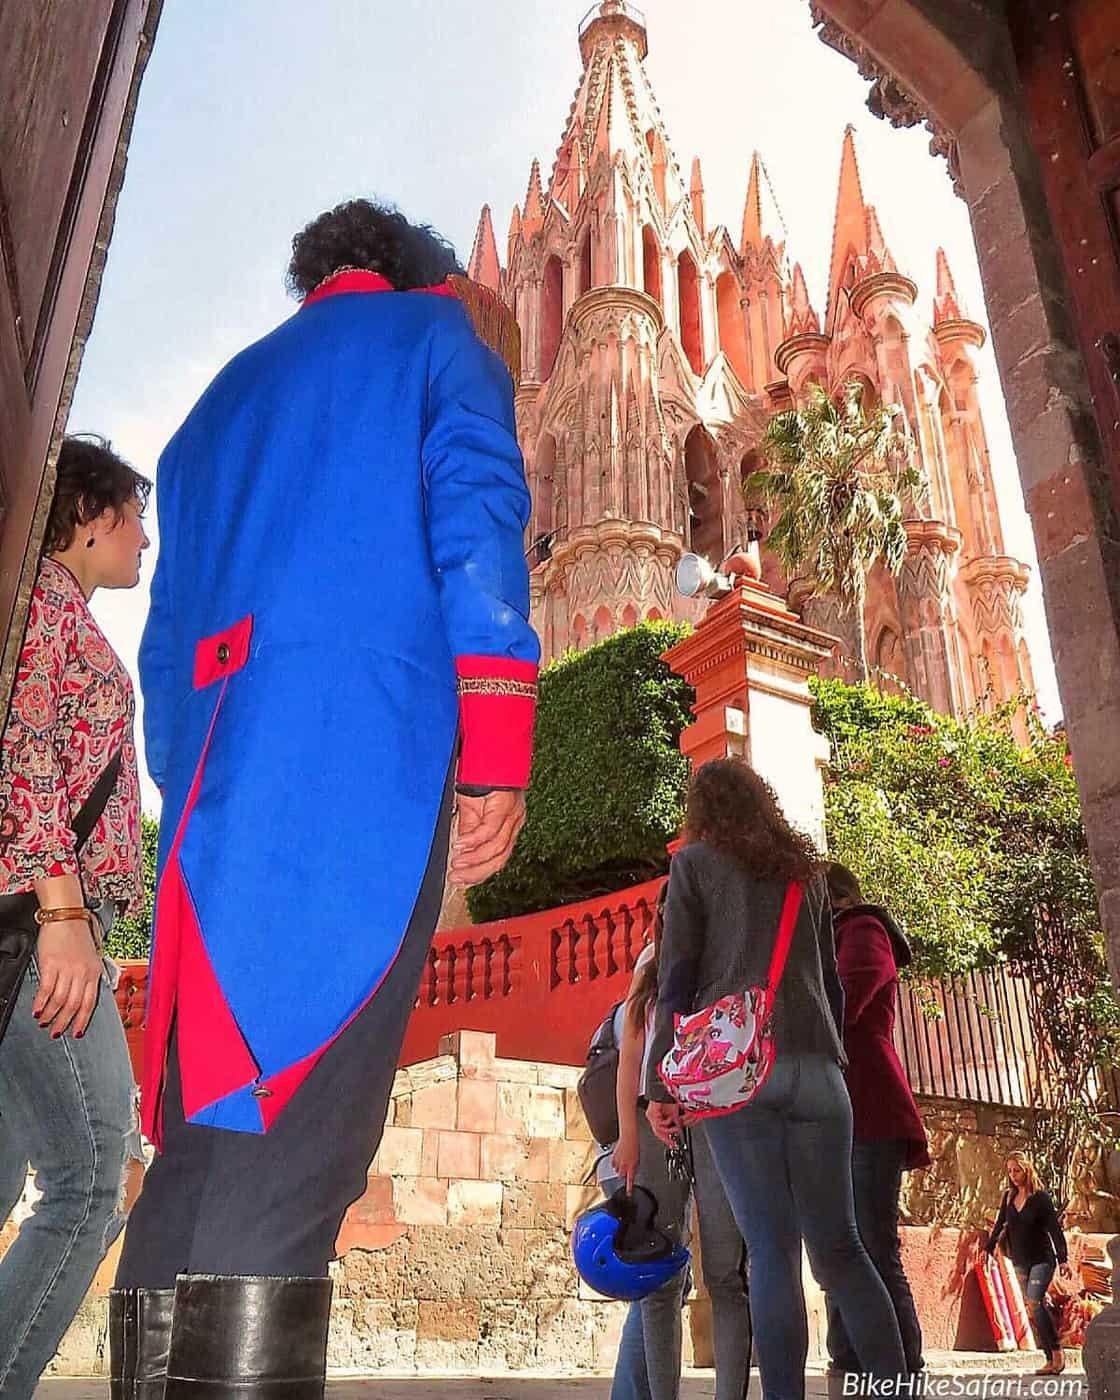 Cathedral San Miguel de Allende